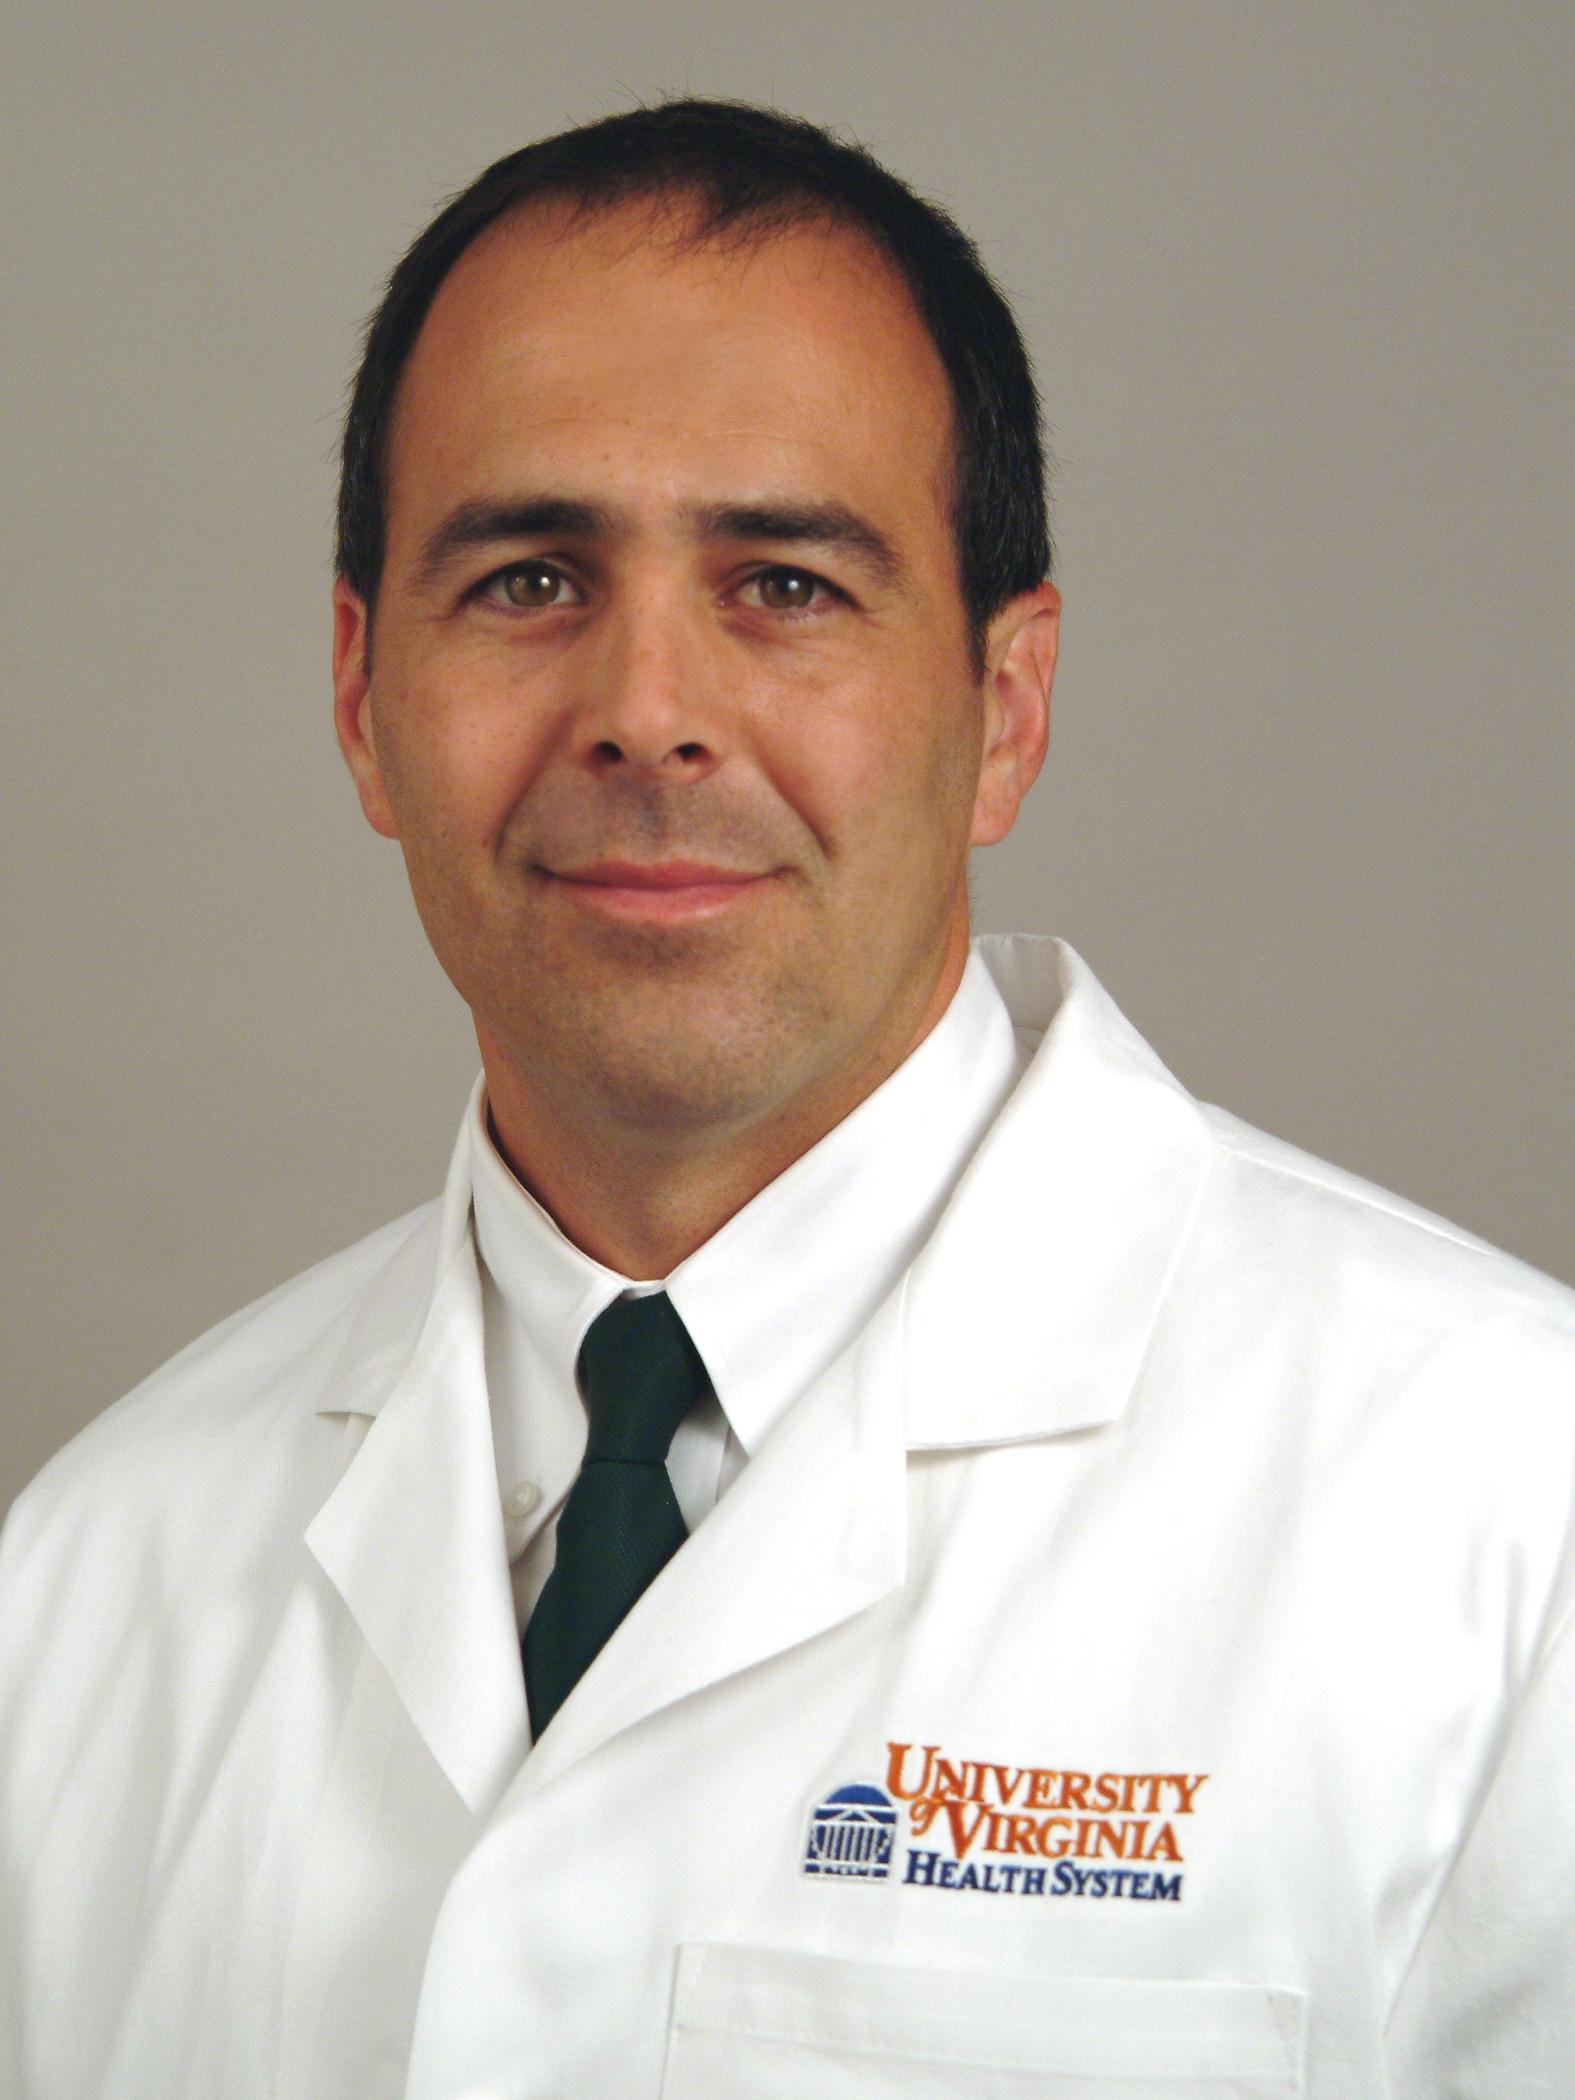 Dr. Ward Gypson